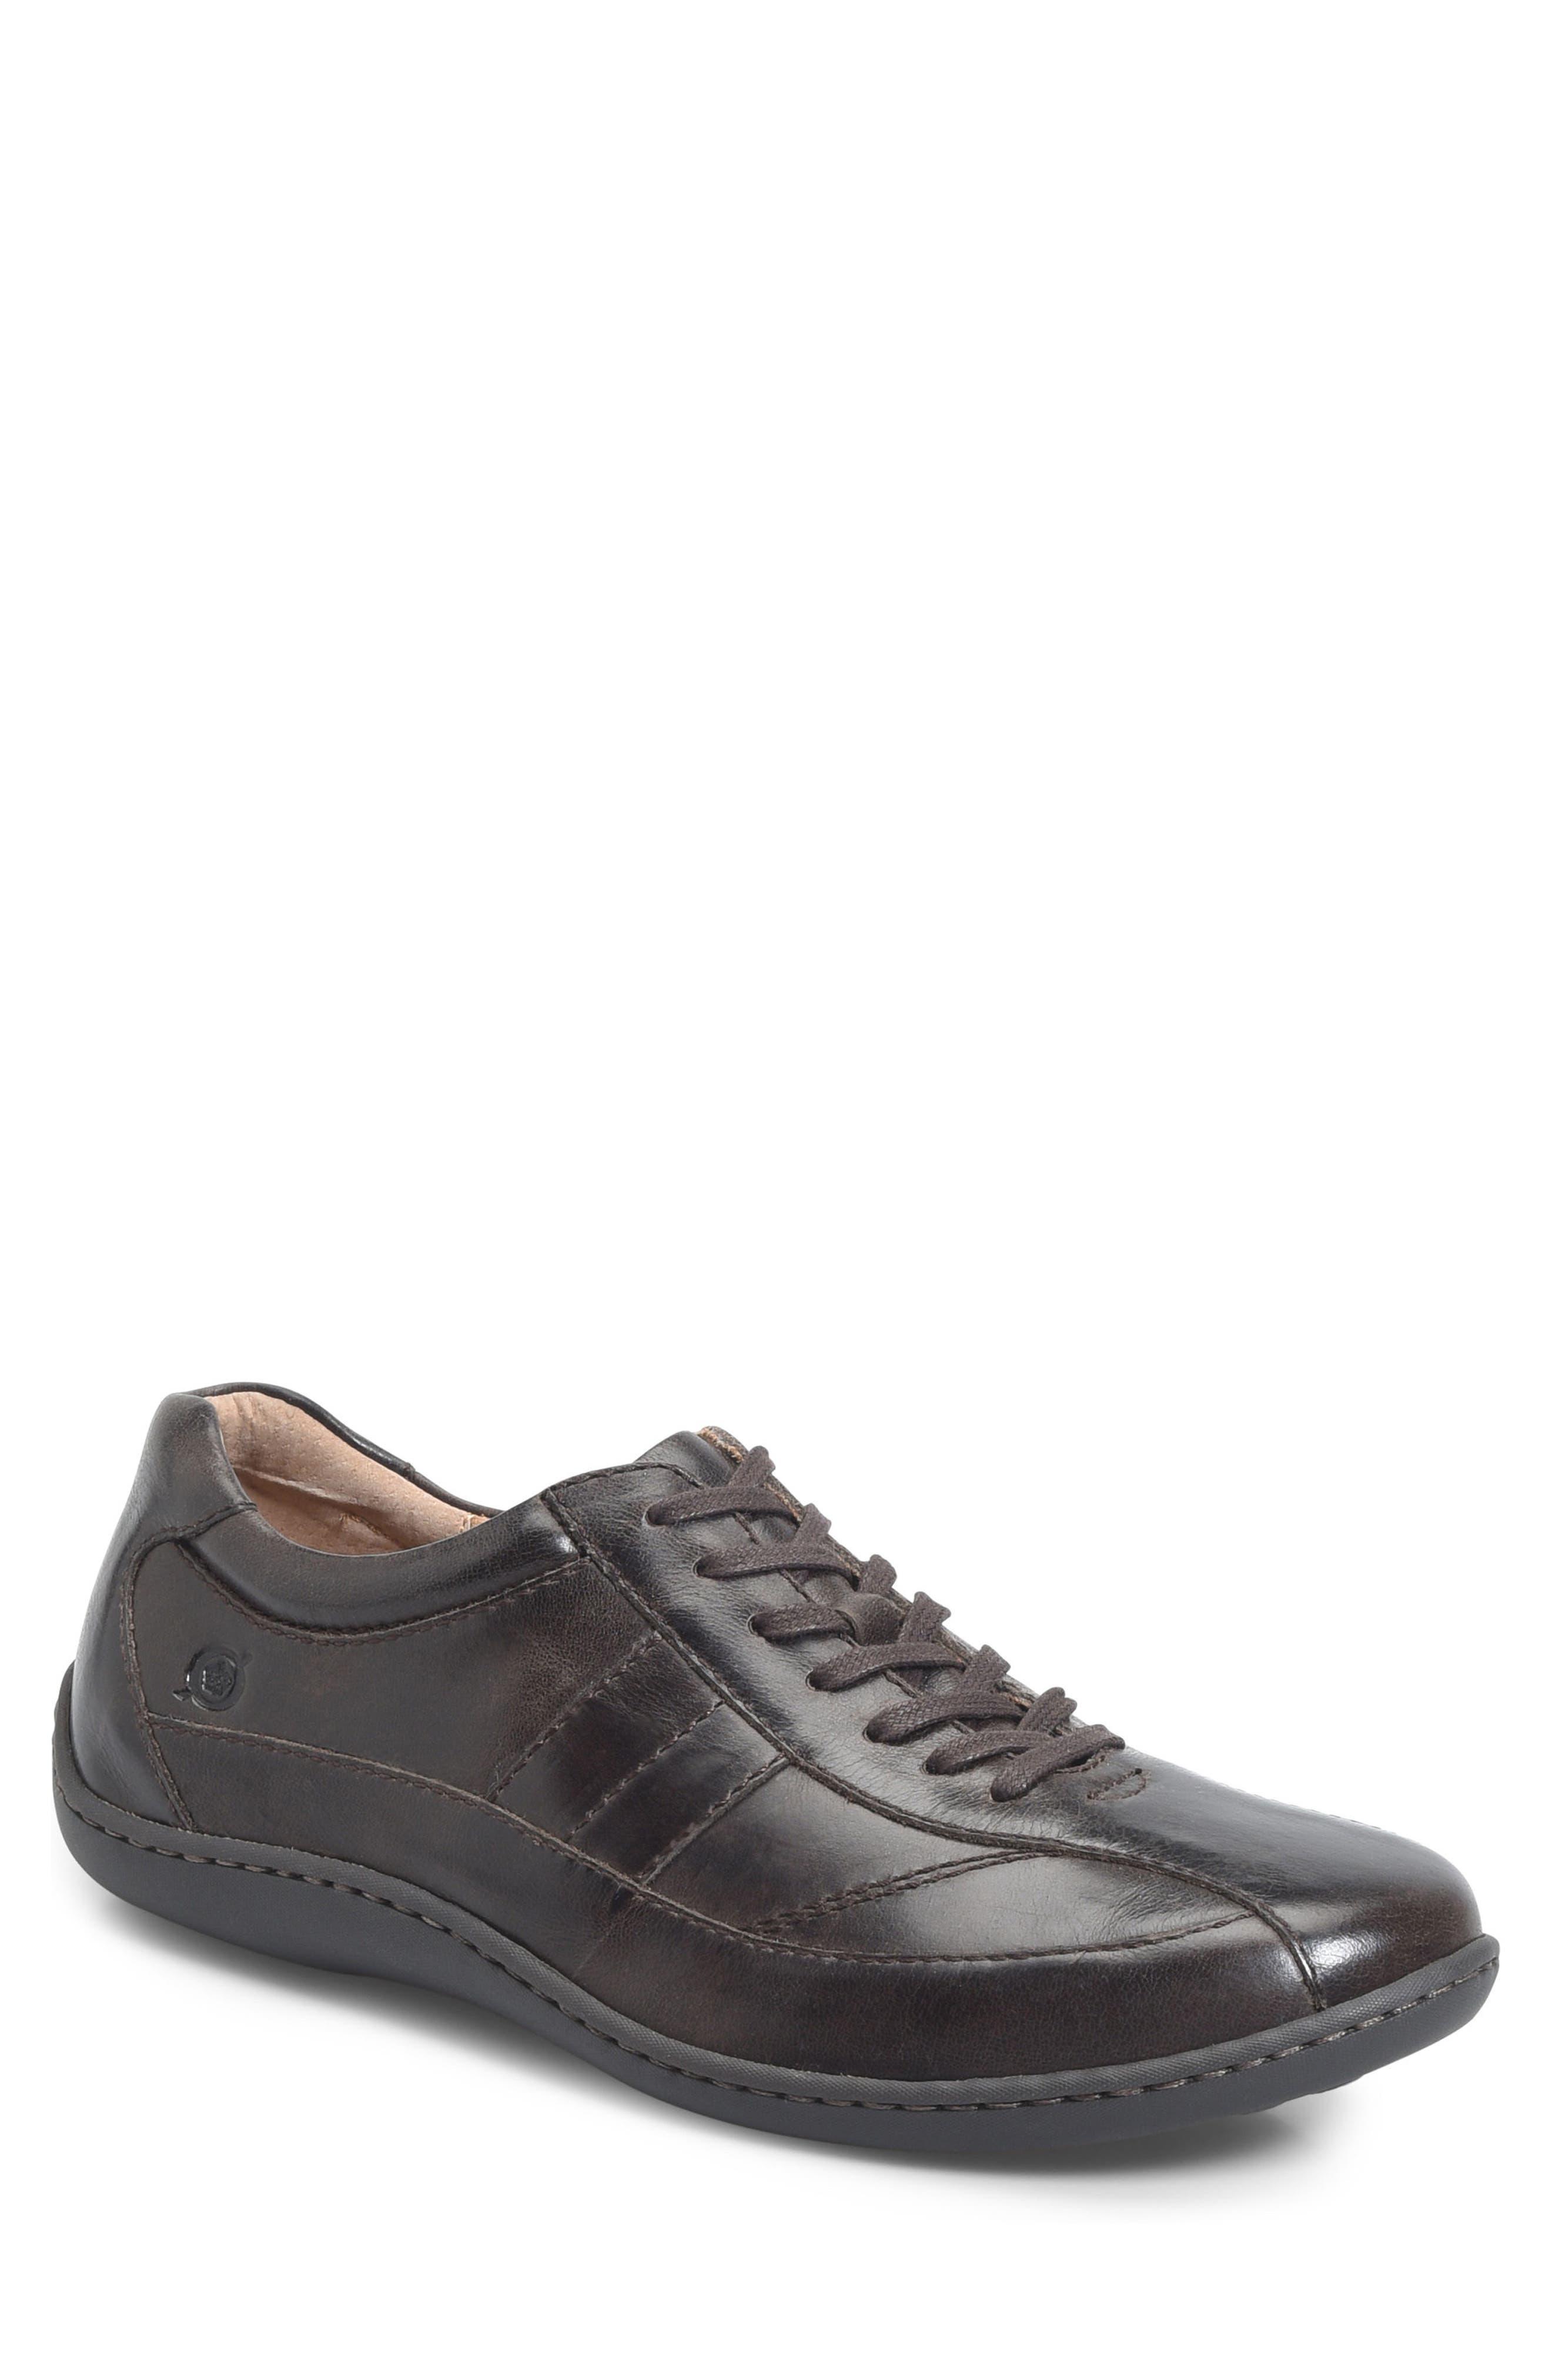 Breves Low Top Sneaker,                             Main thumbnail 1, color,                             Dark Brown Distressed